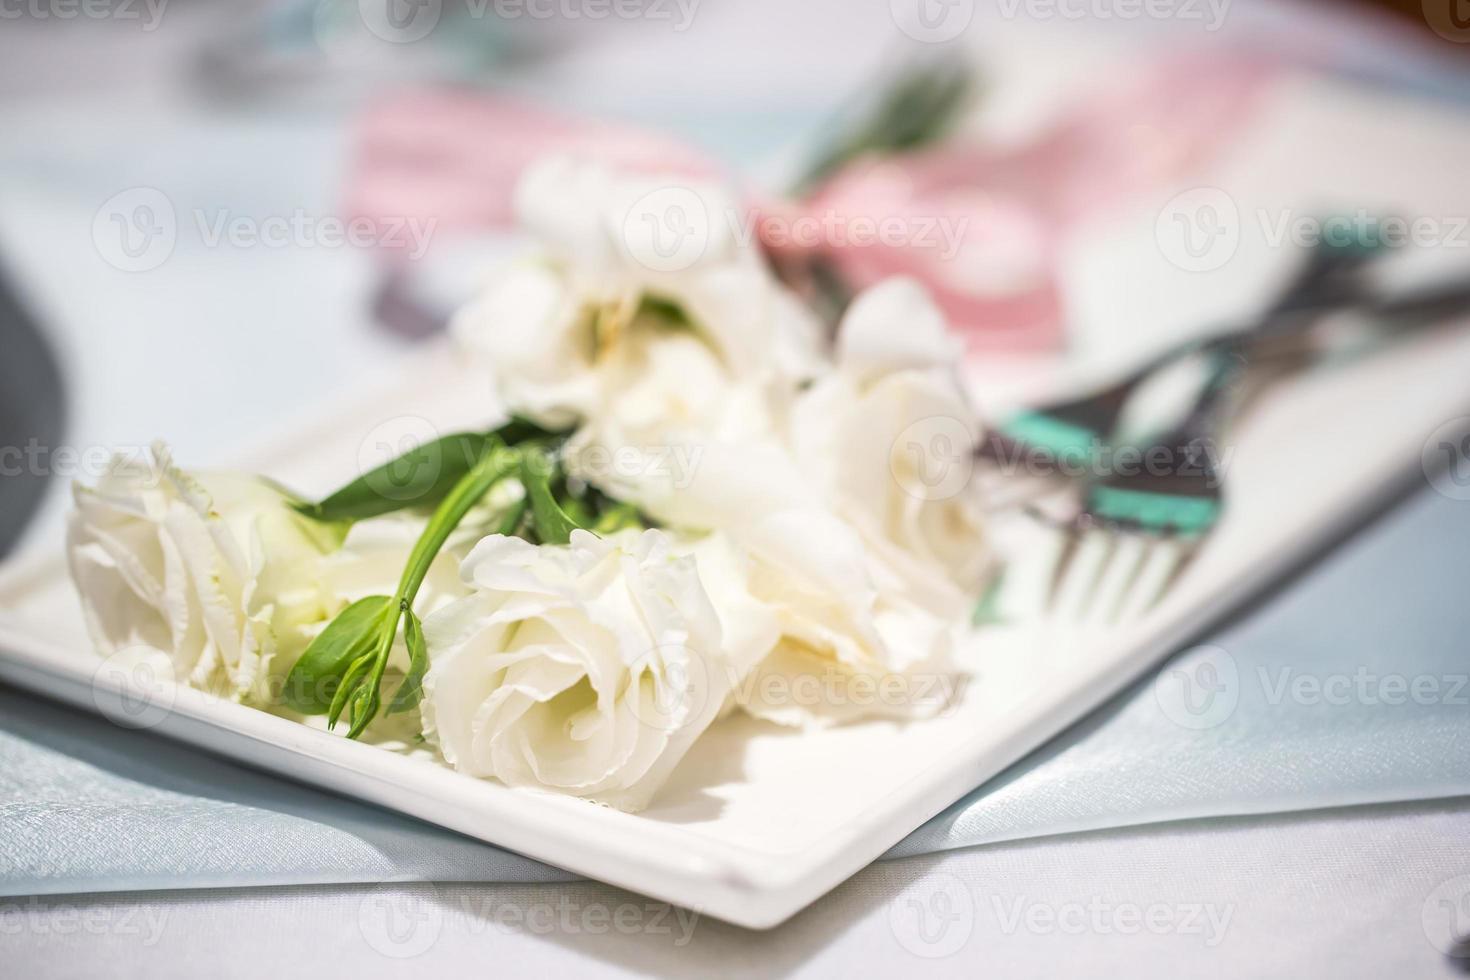 configuração de mesa para uma recepção de casamento ou um evento foto